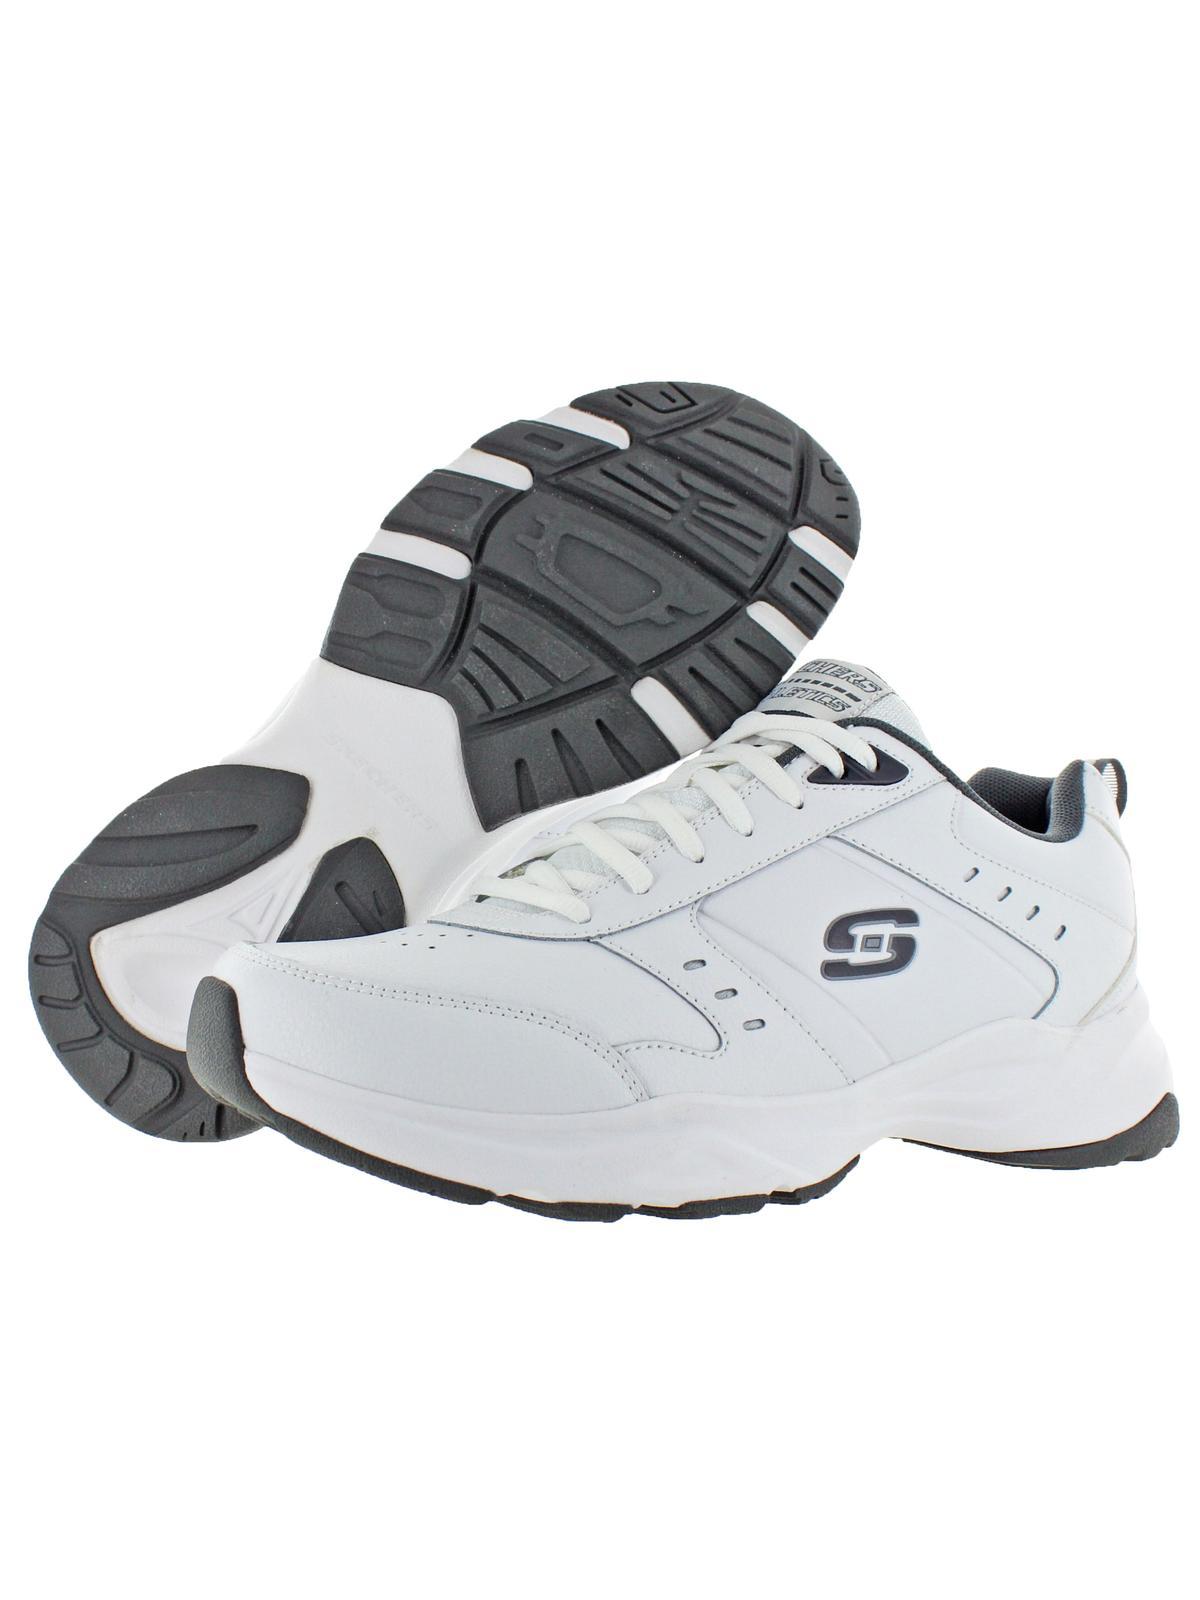 en cualquier sitio Contra la voluntad Cinemática  Skechers - Men's Skechers Haniger Training Sneaker - Walmart.com -  Walmart.com